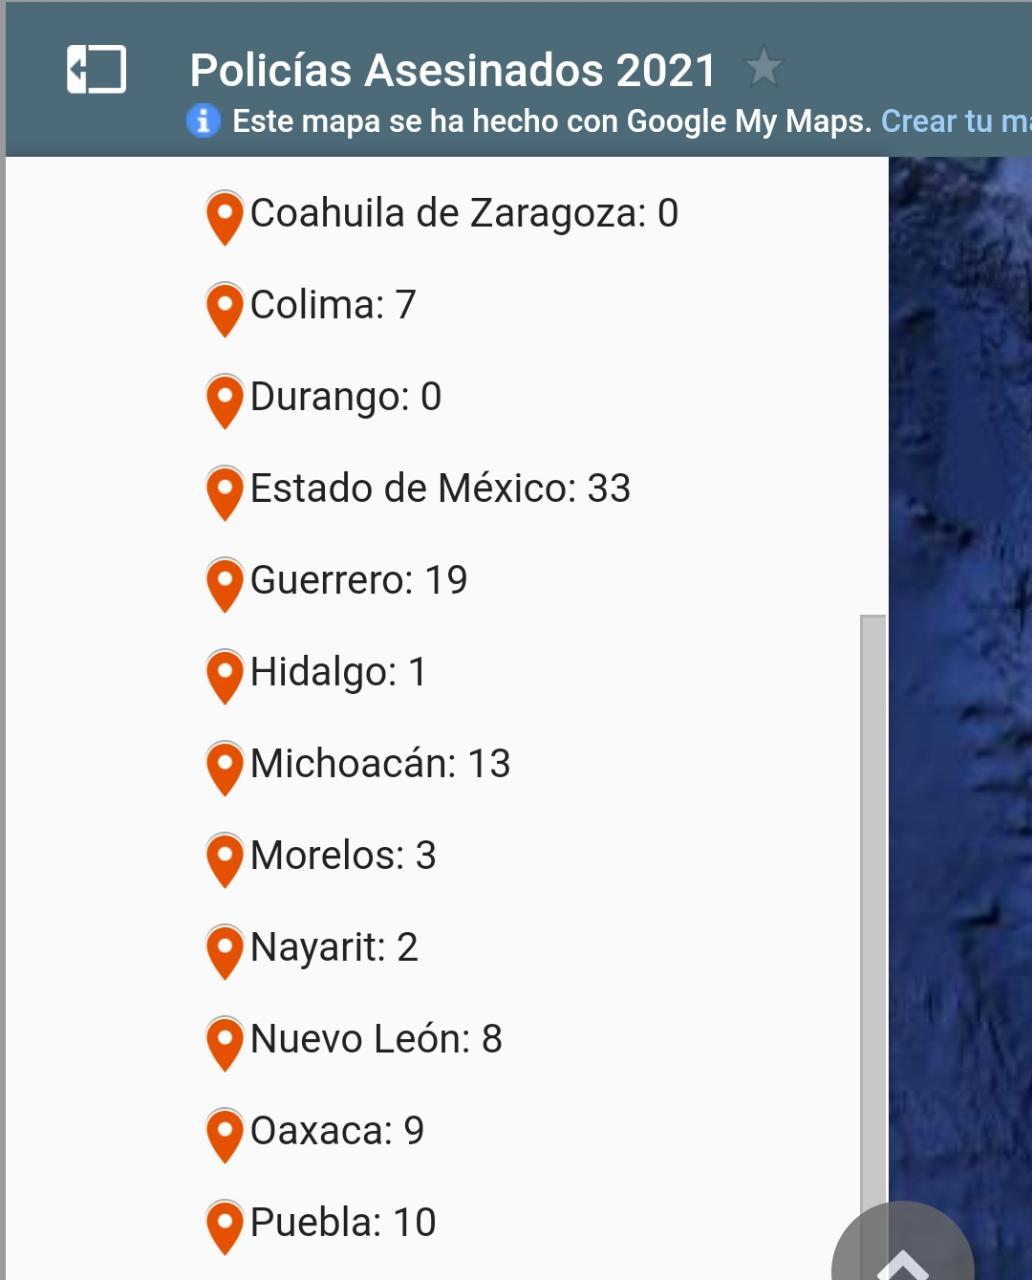 Puebla lleva 10 policías asesinados hasta el pasado 10 de septiembre